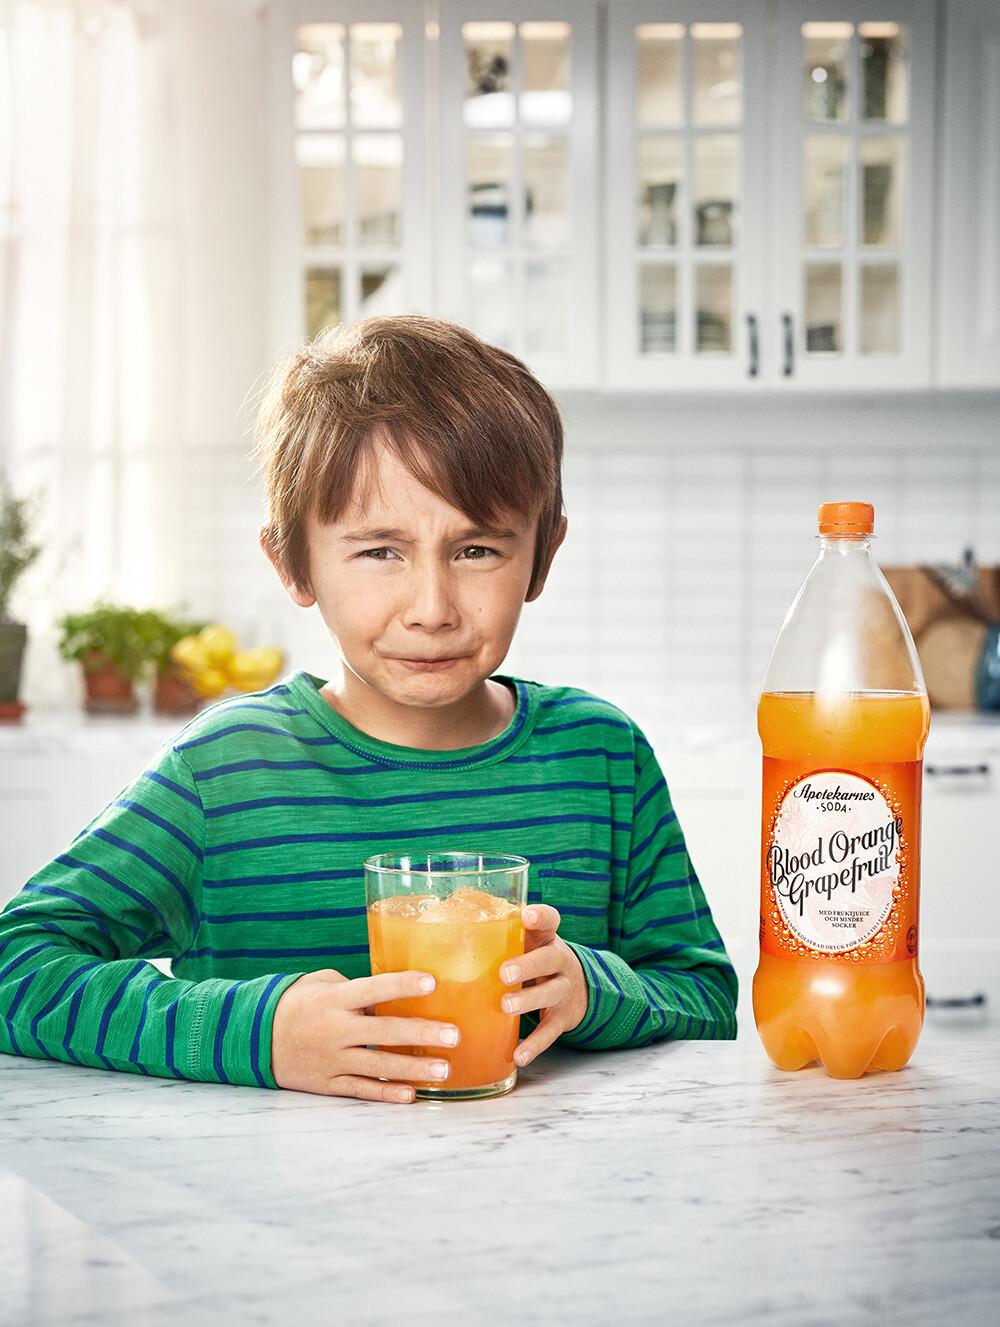 Alexander crispin Apotekarnes Soda